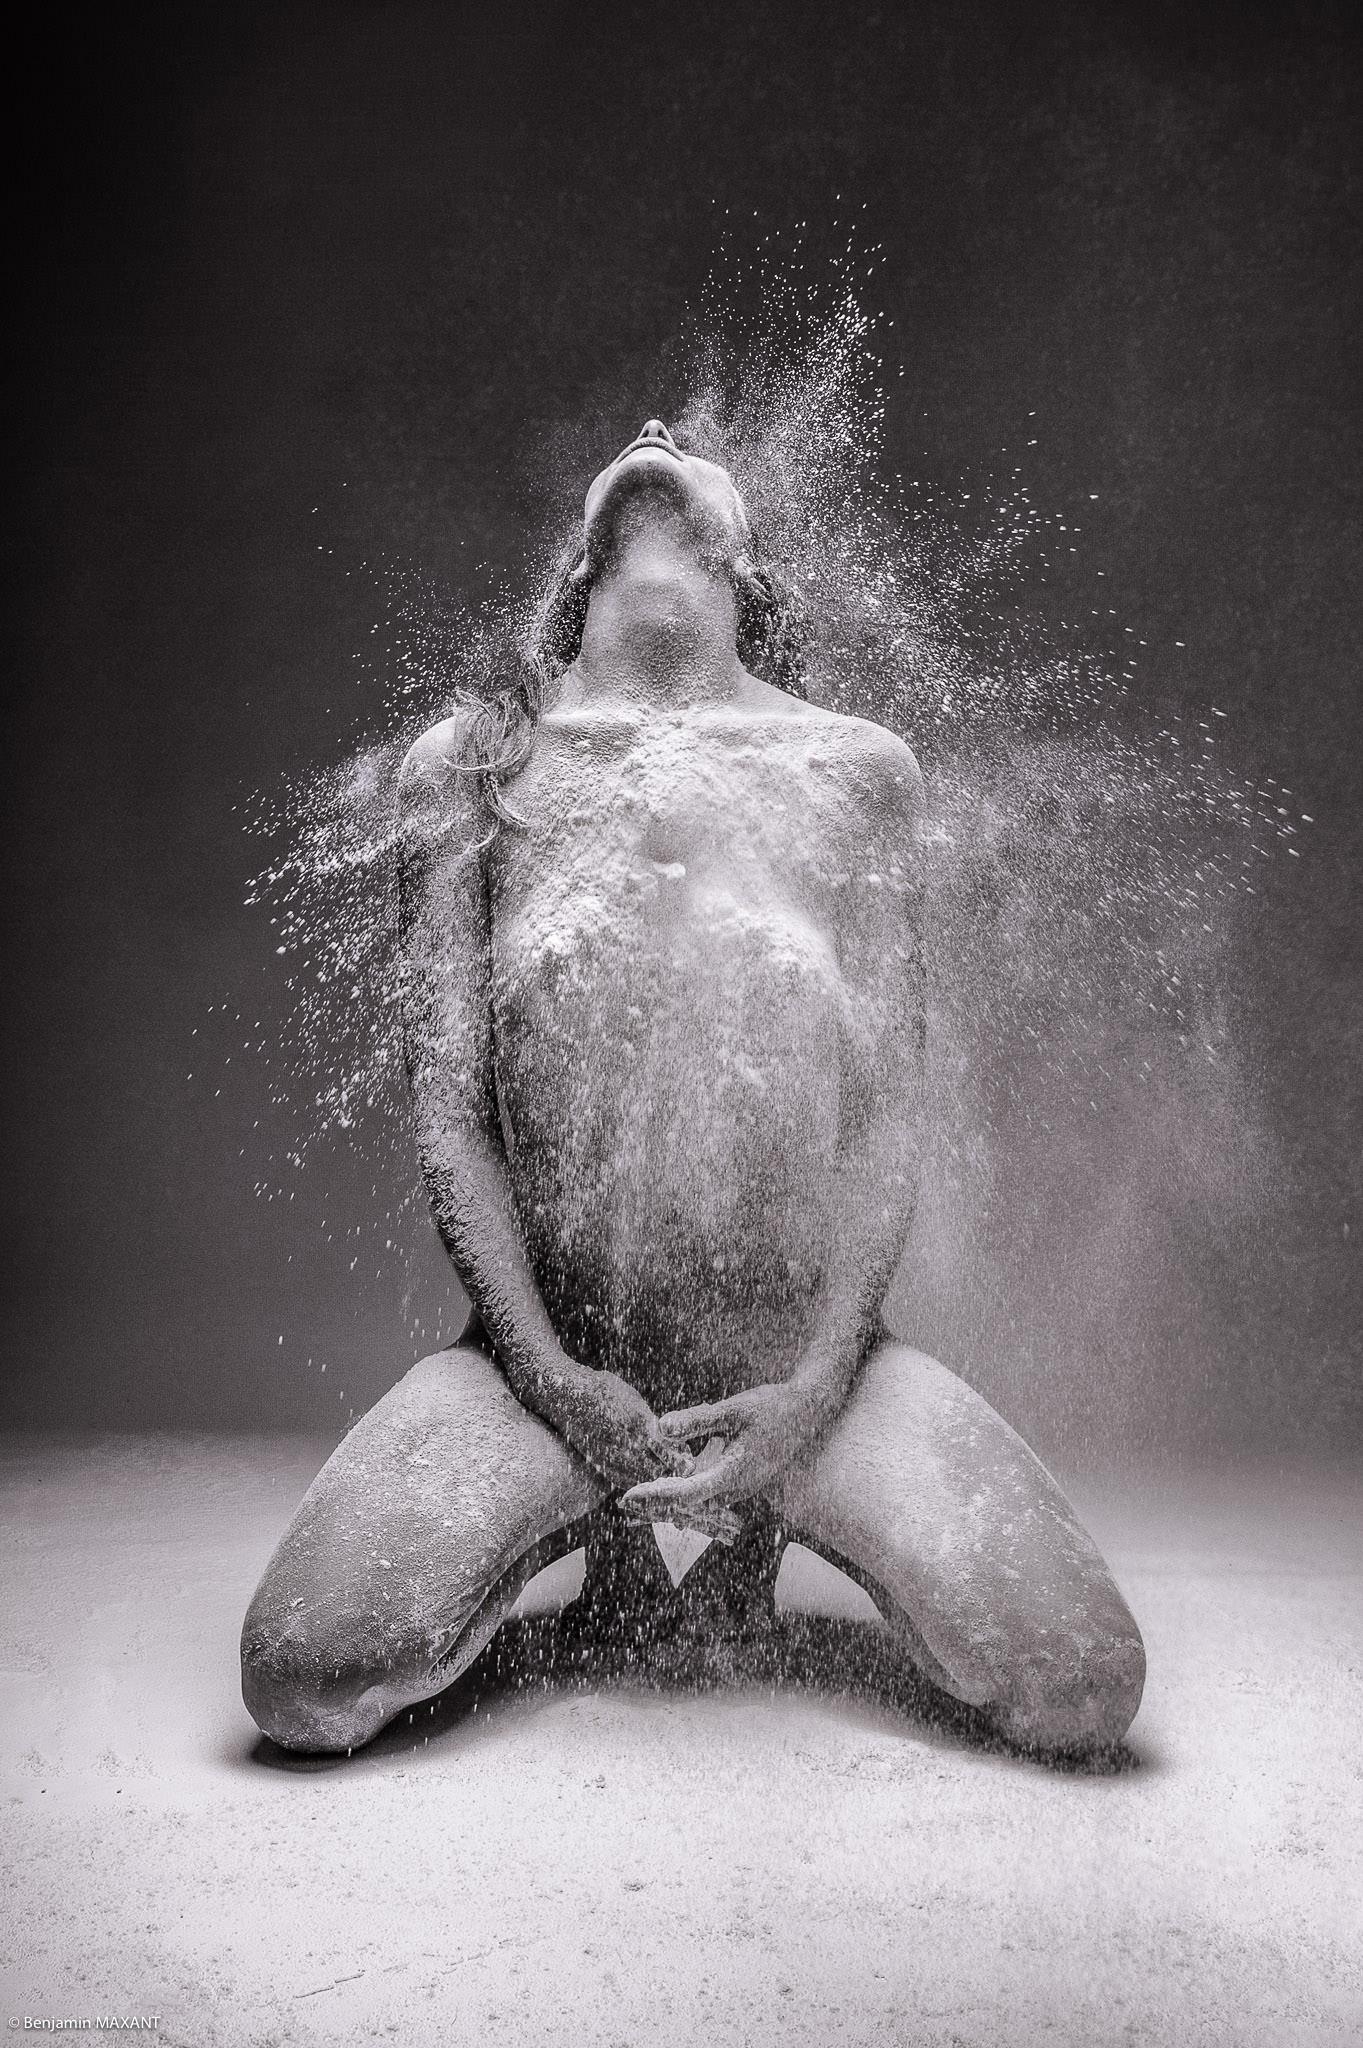 Séance photo nu artistique envoi matière blanche sur le corps